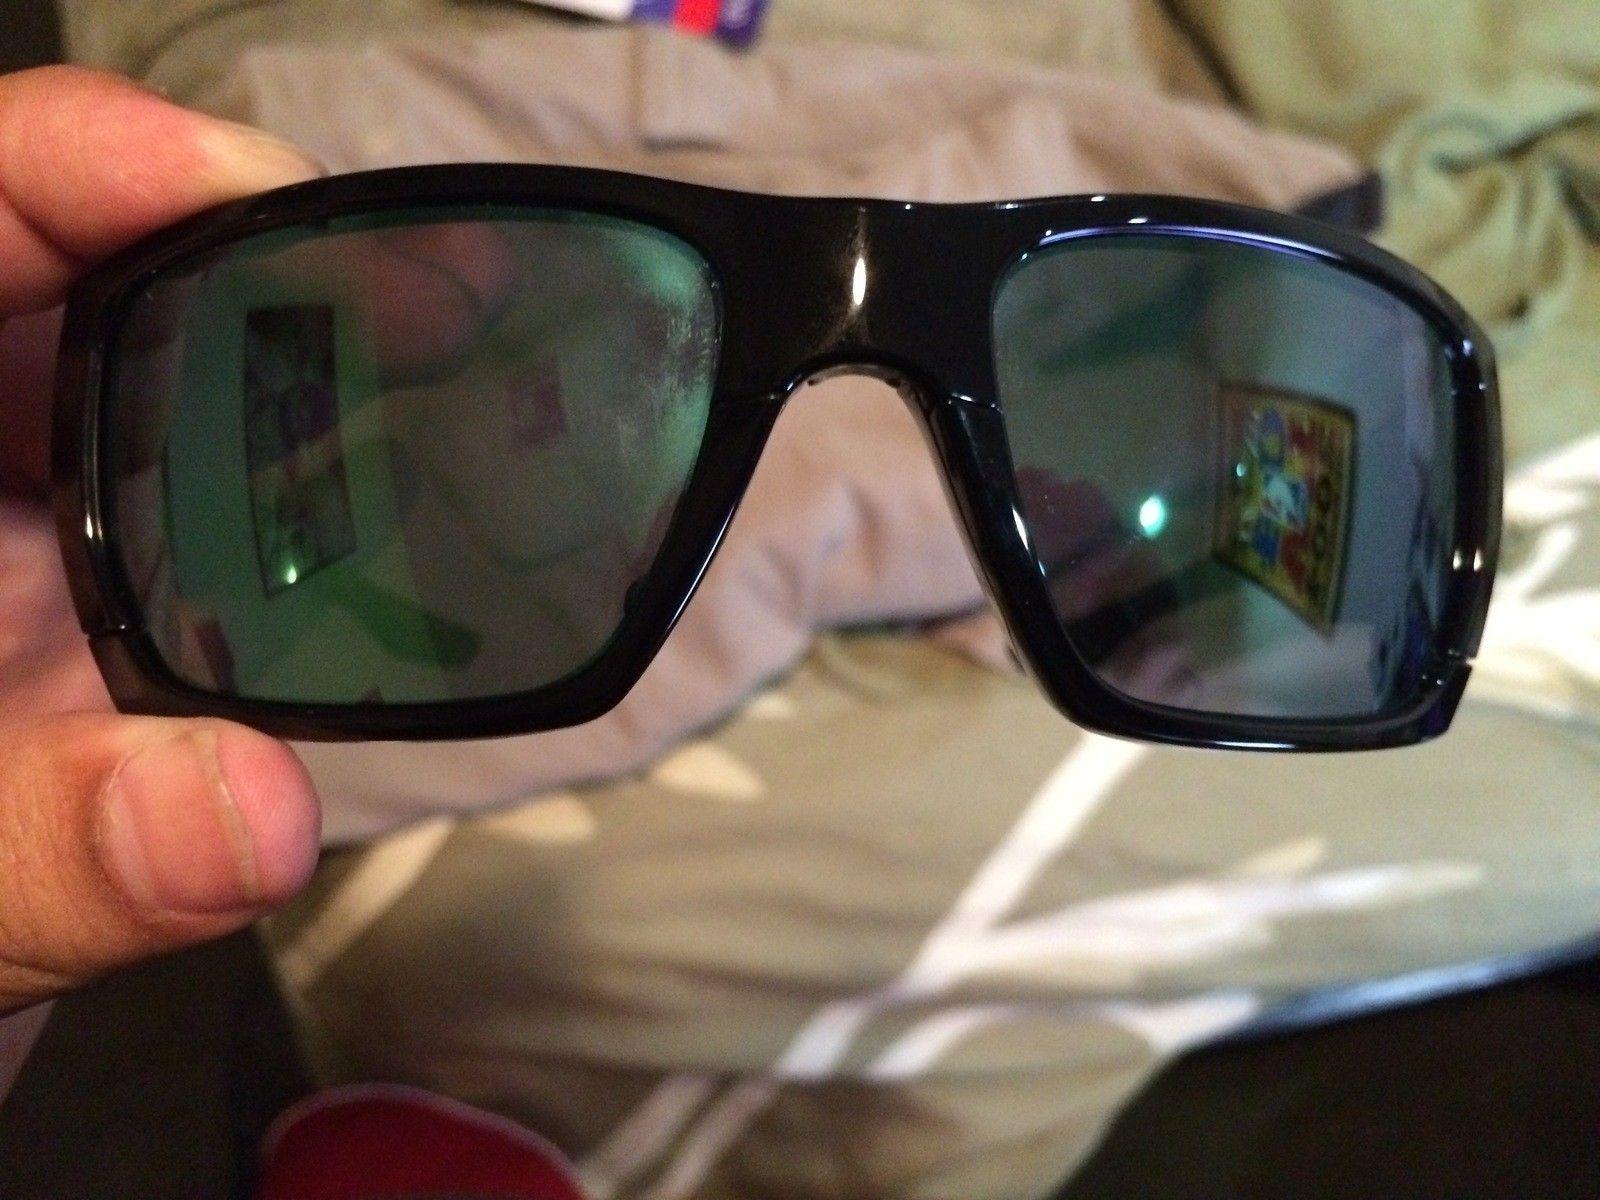 Style Switch - multiple lenses - under $40 - 2015-05-29 19.50.28.jpg